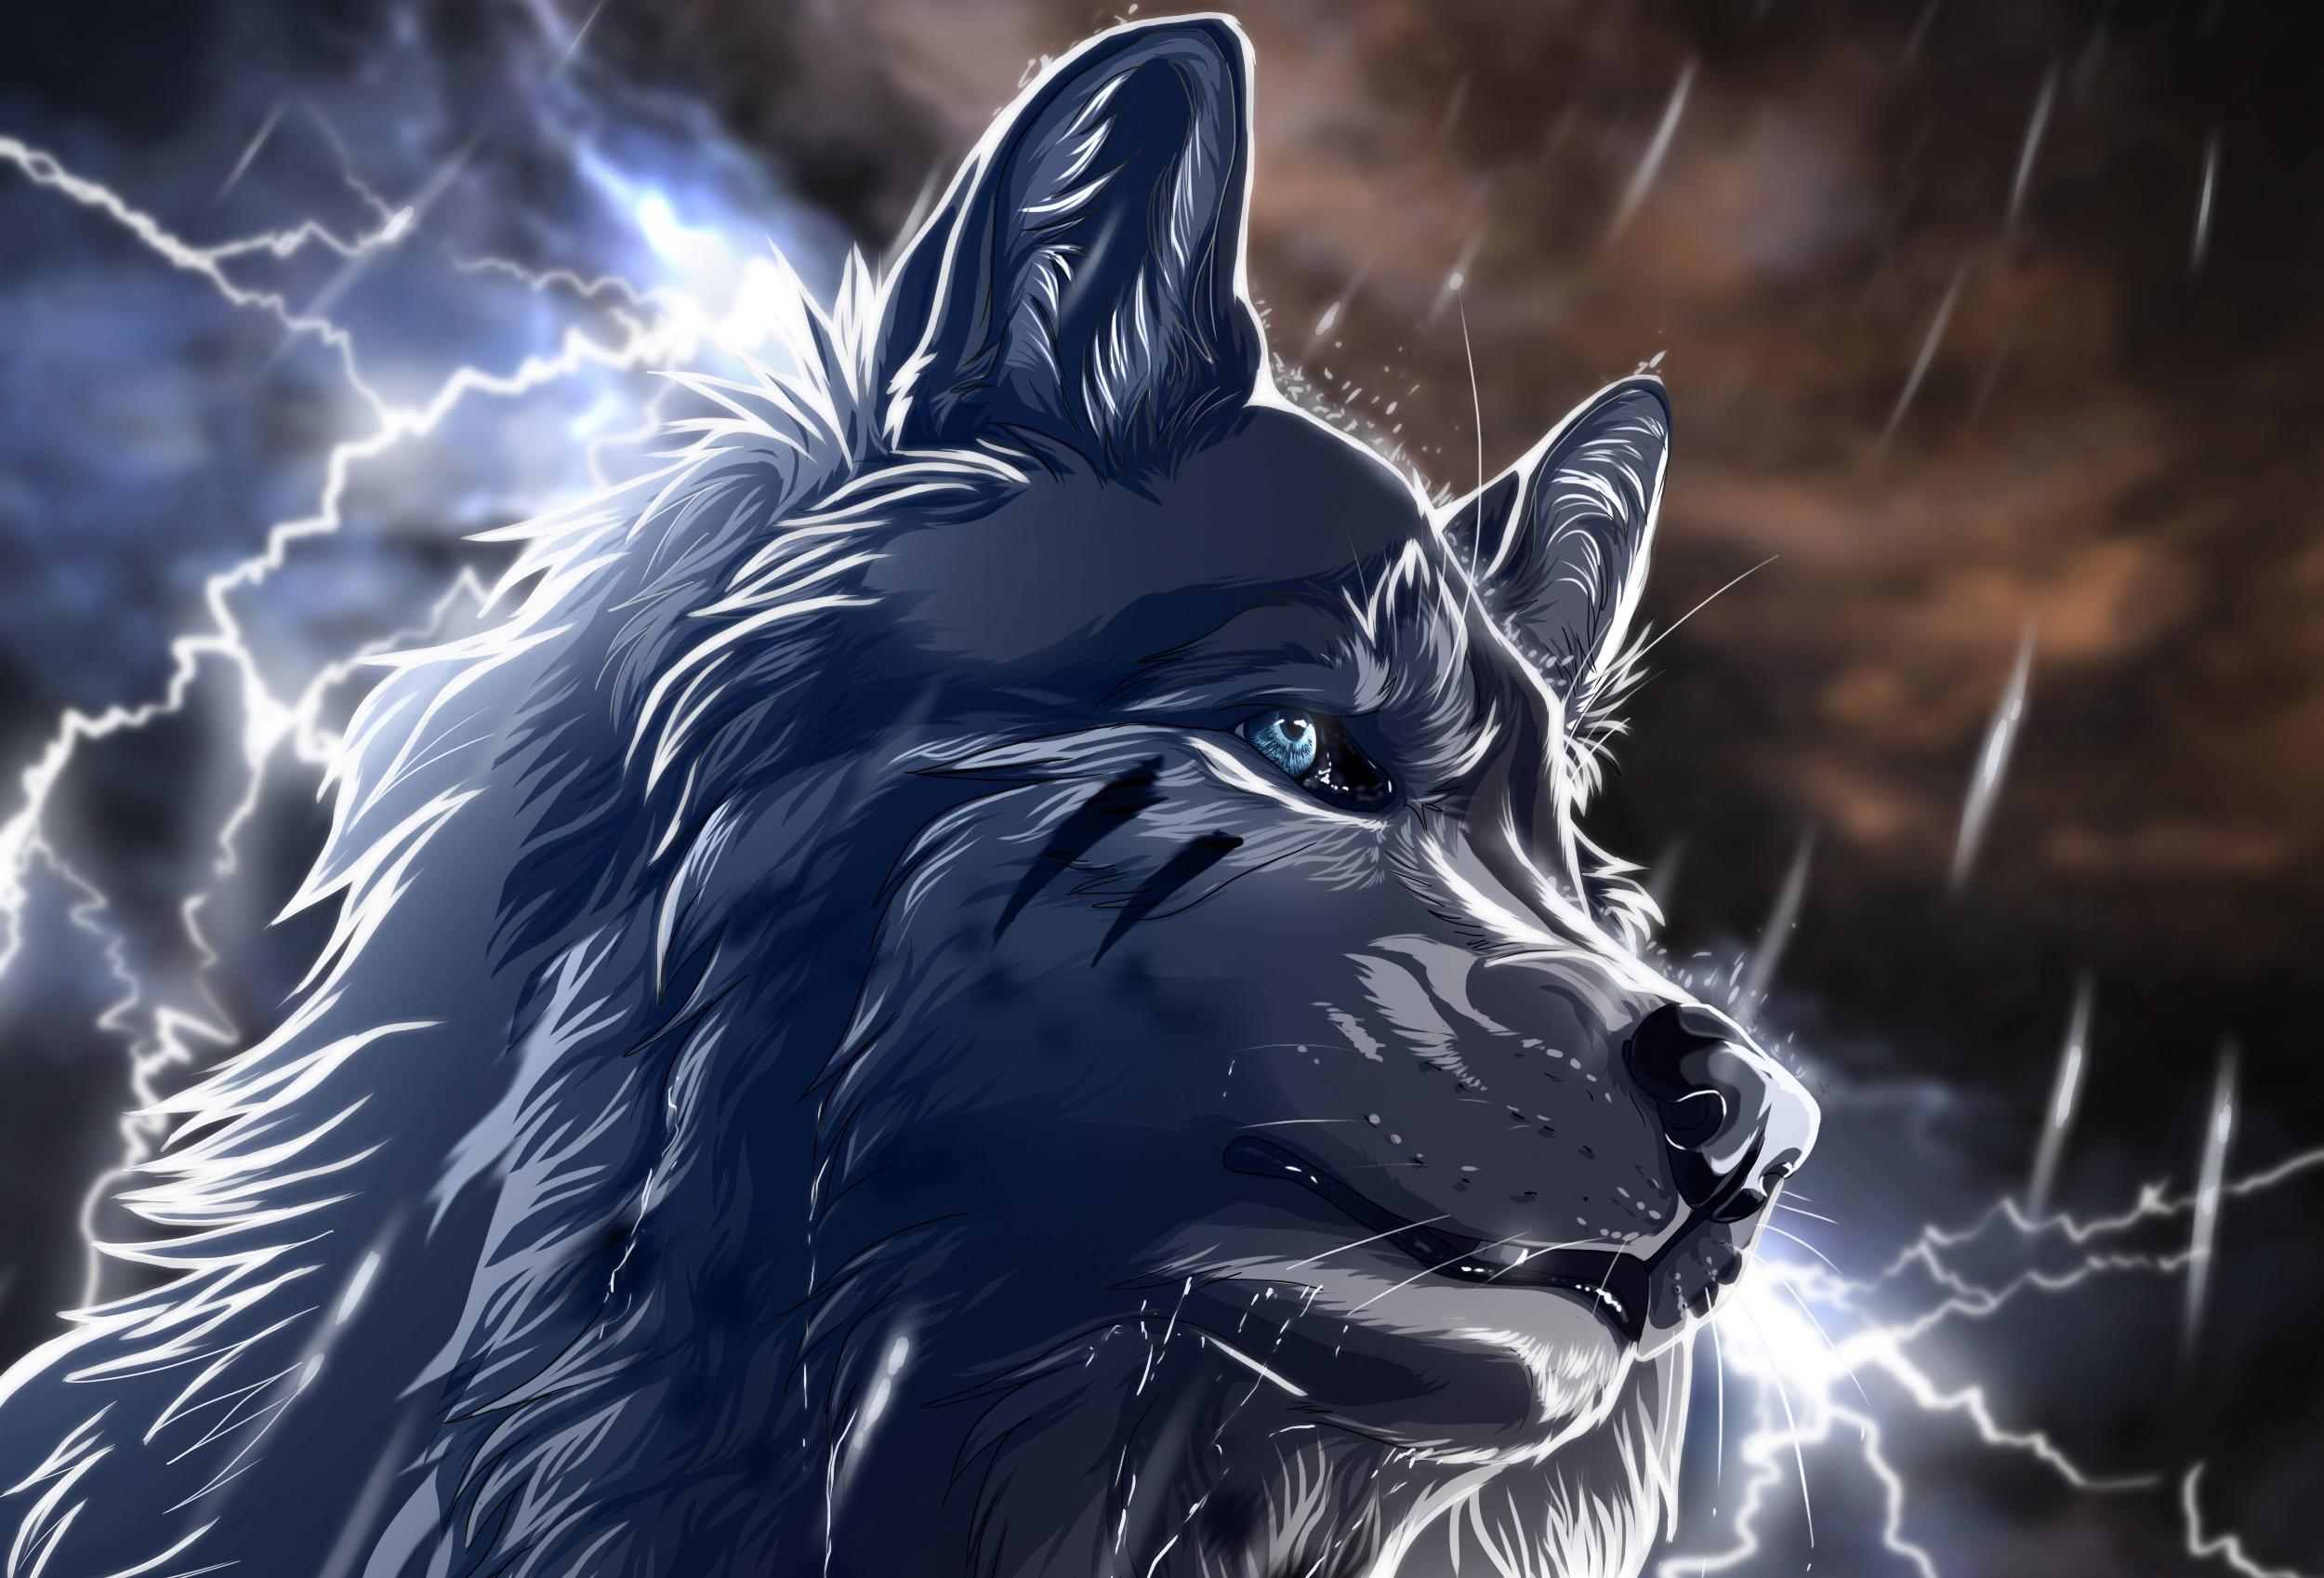 Anime Wolf wallpaper – ForWallpaper.com